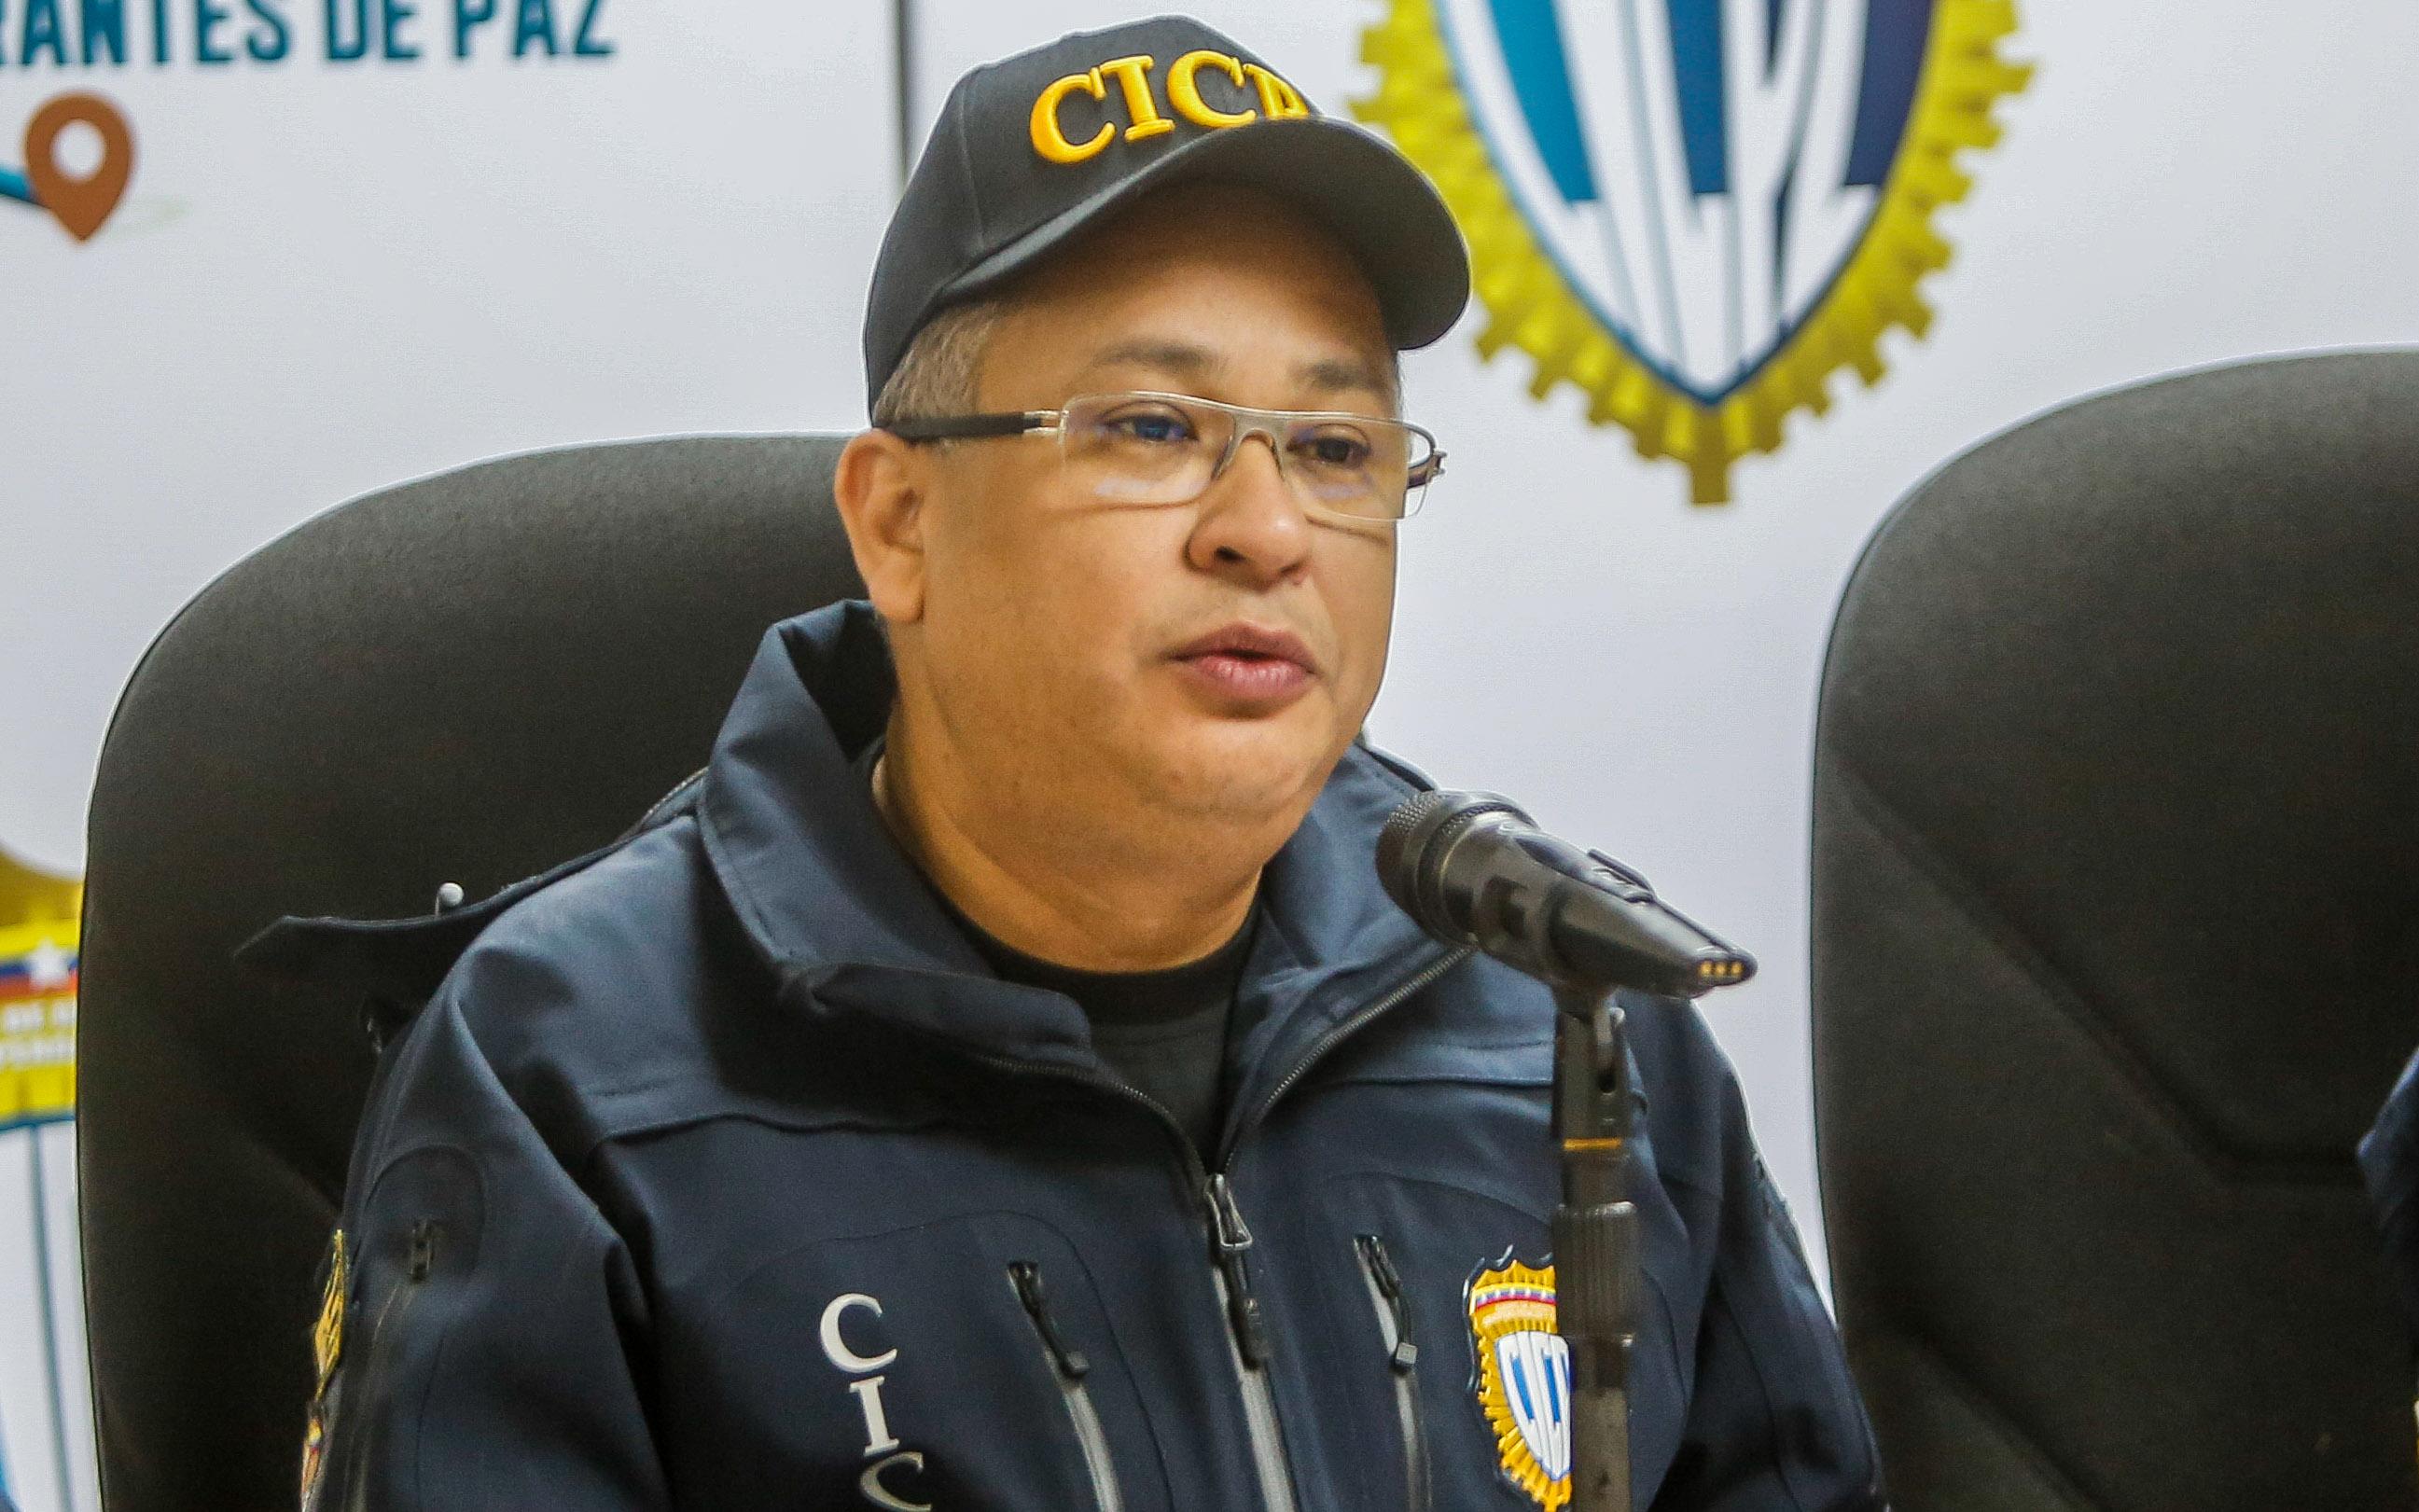 Cicpc asestó duro golpe a mafias dedicadas a la falsificación de documentos (1)